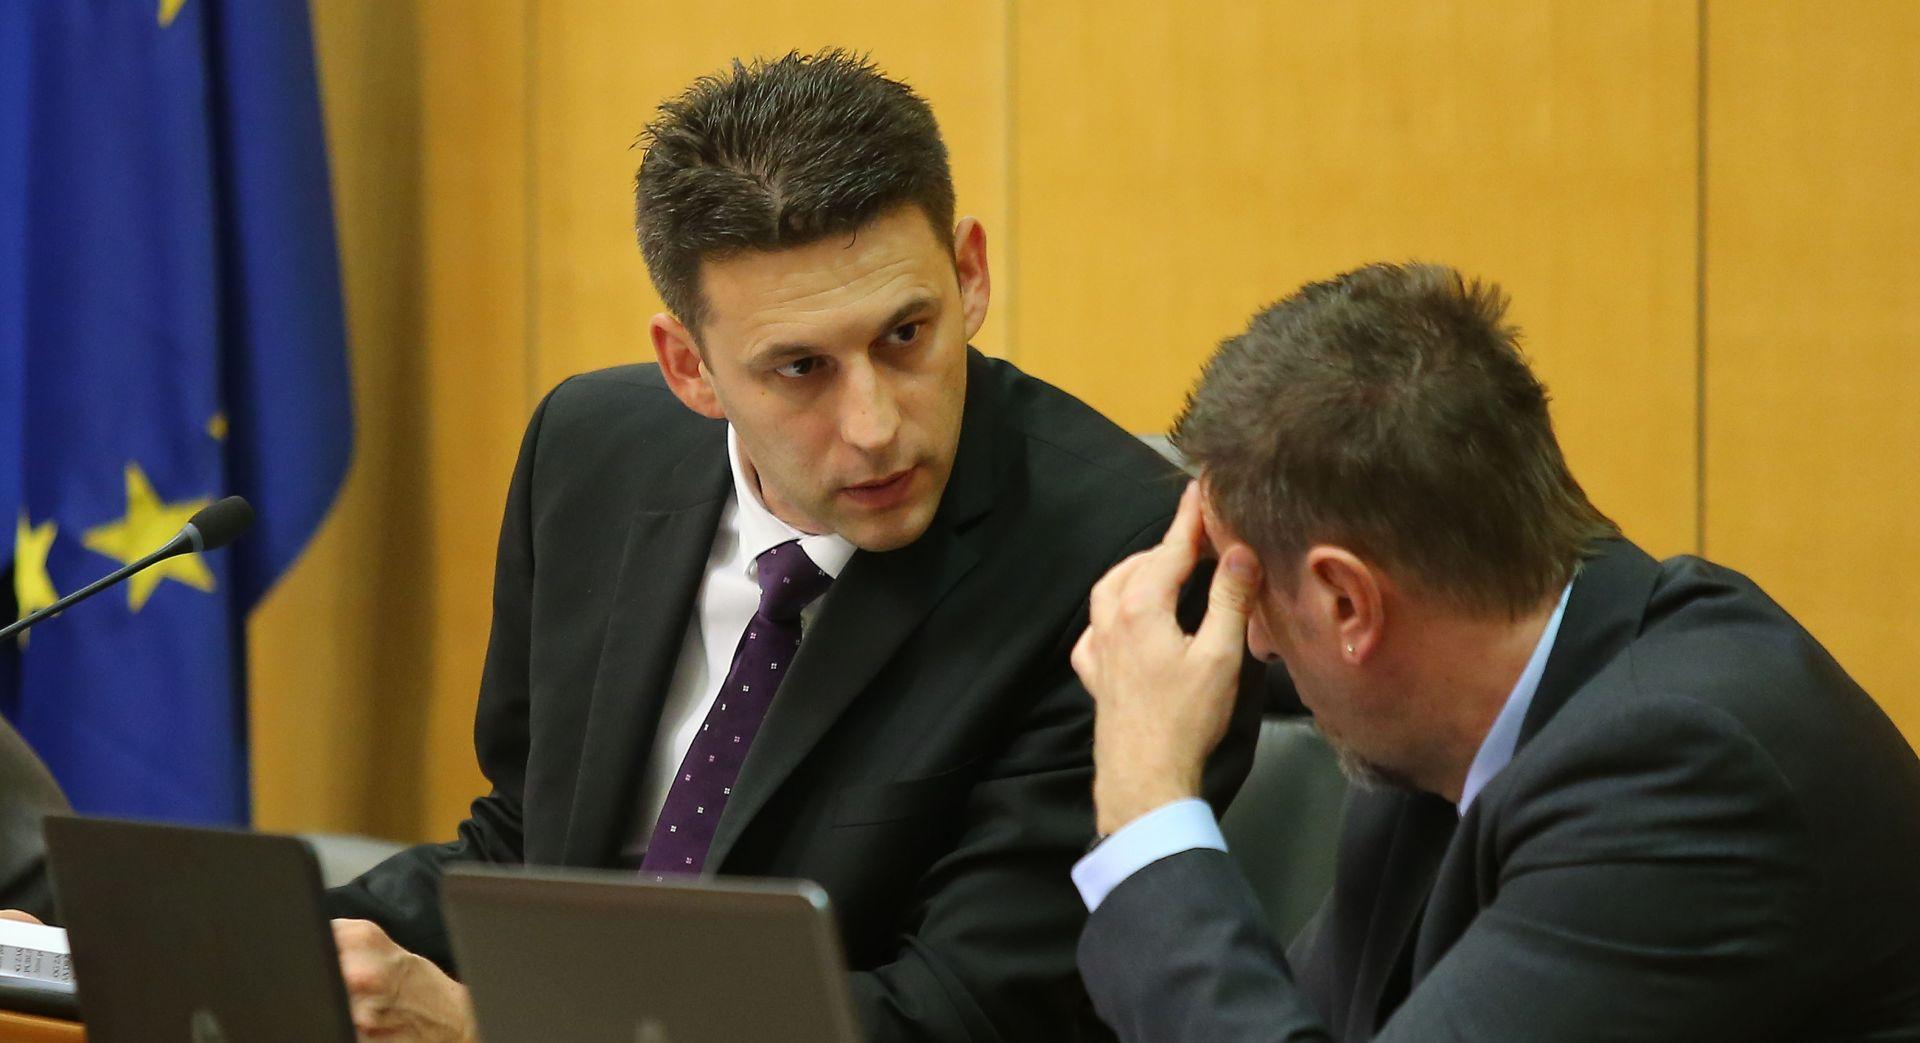 """BOŽO PETROV """"Dobrović, Šprlje, Orepić i Kovačić kandidati za Mostove ministre u Vladi"""""""